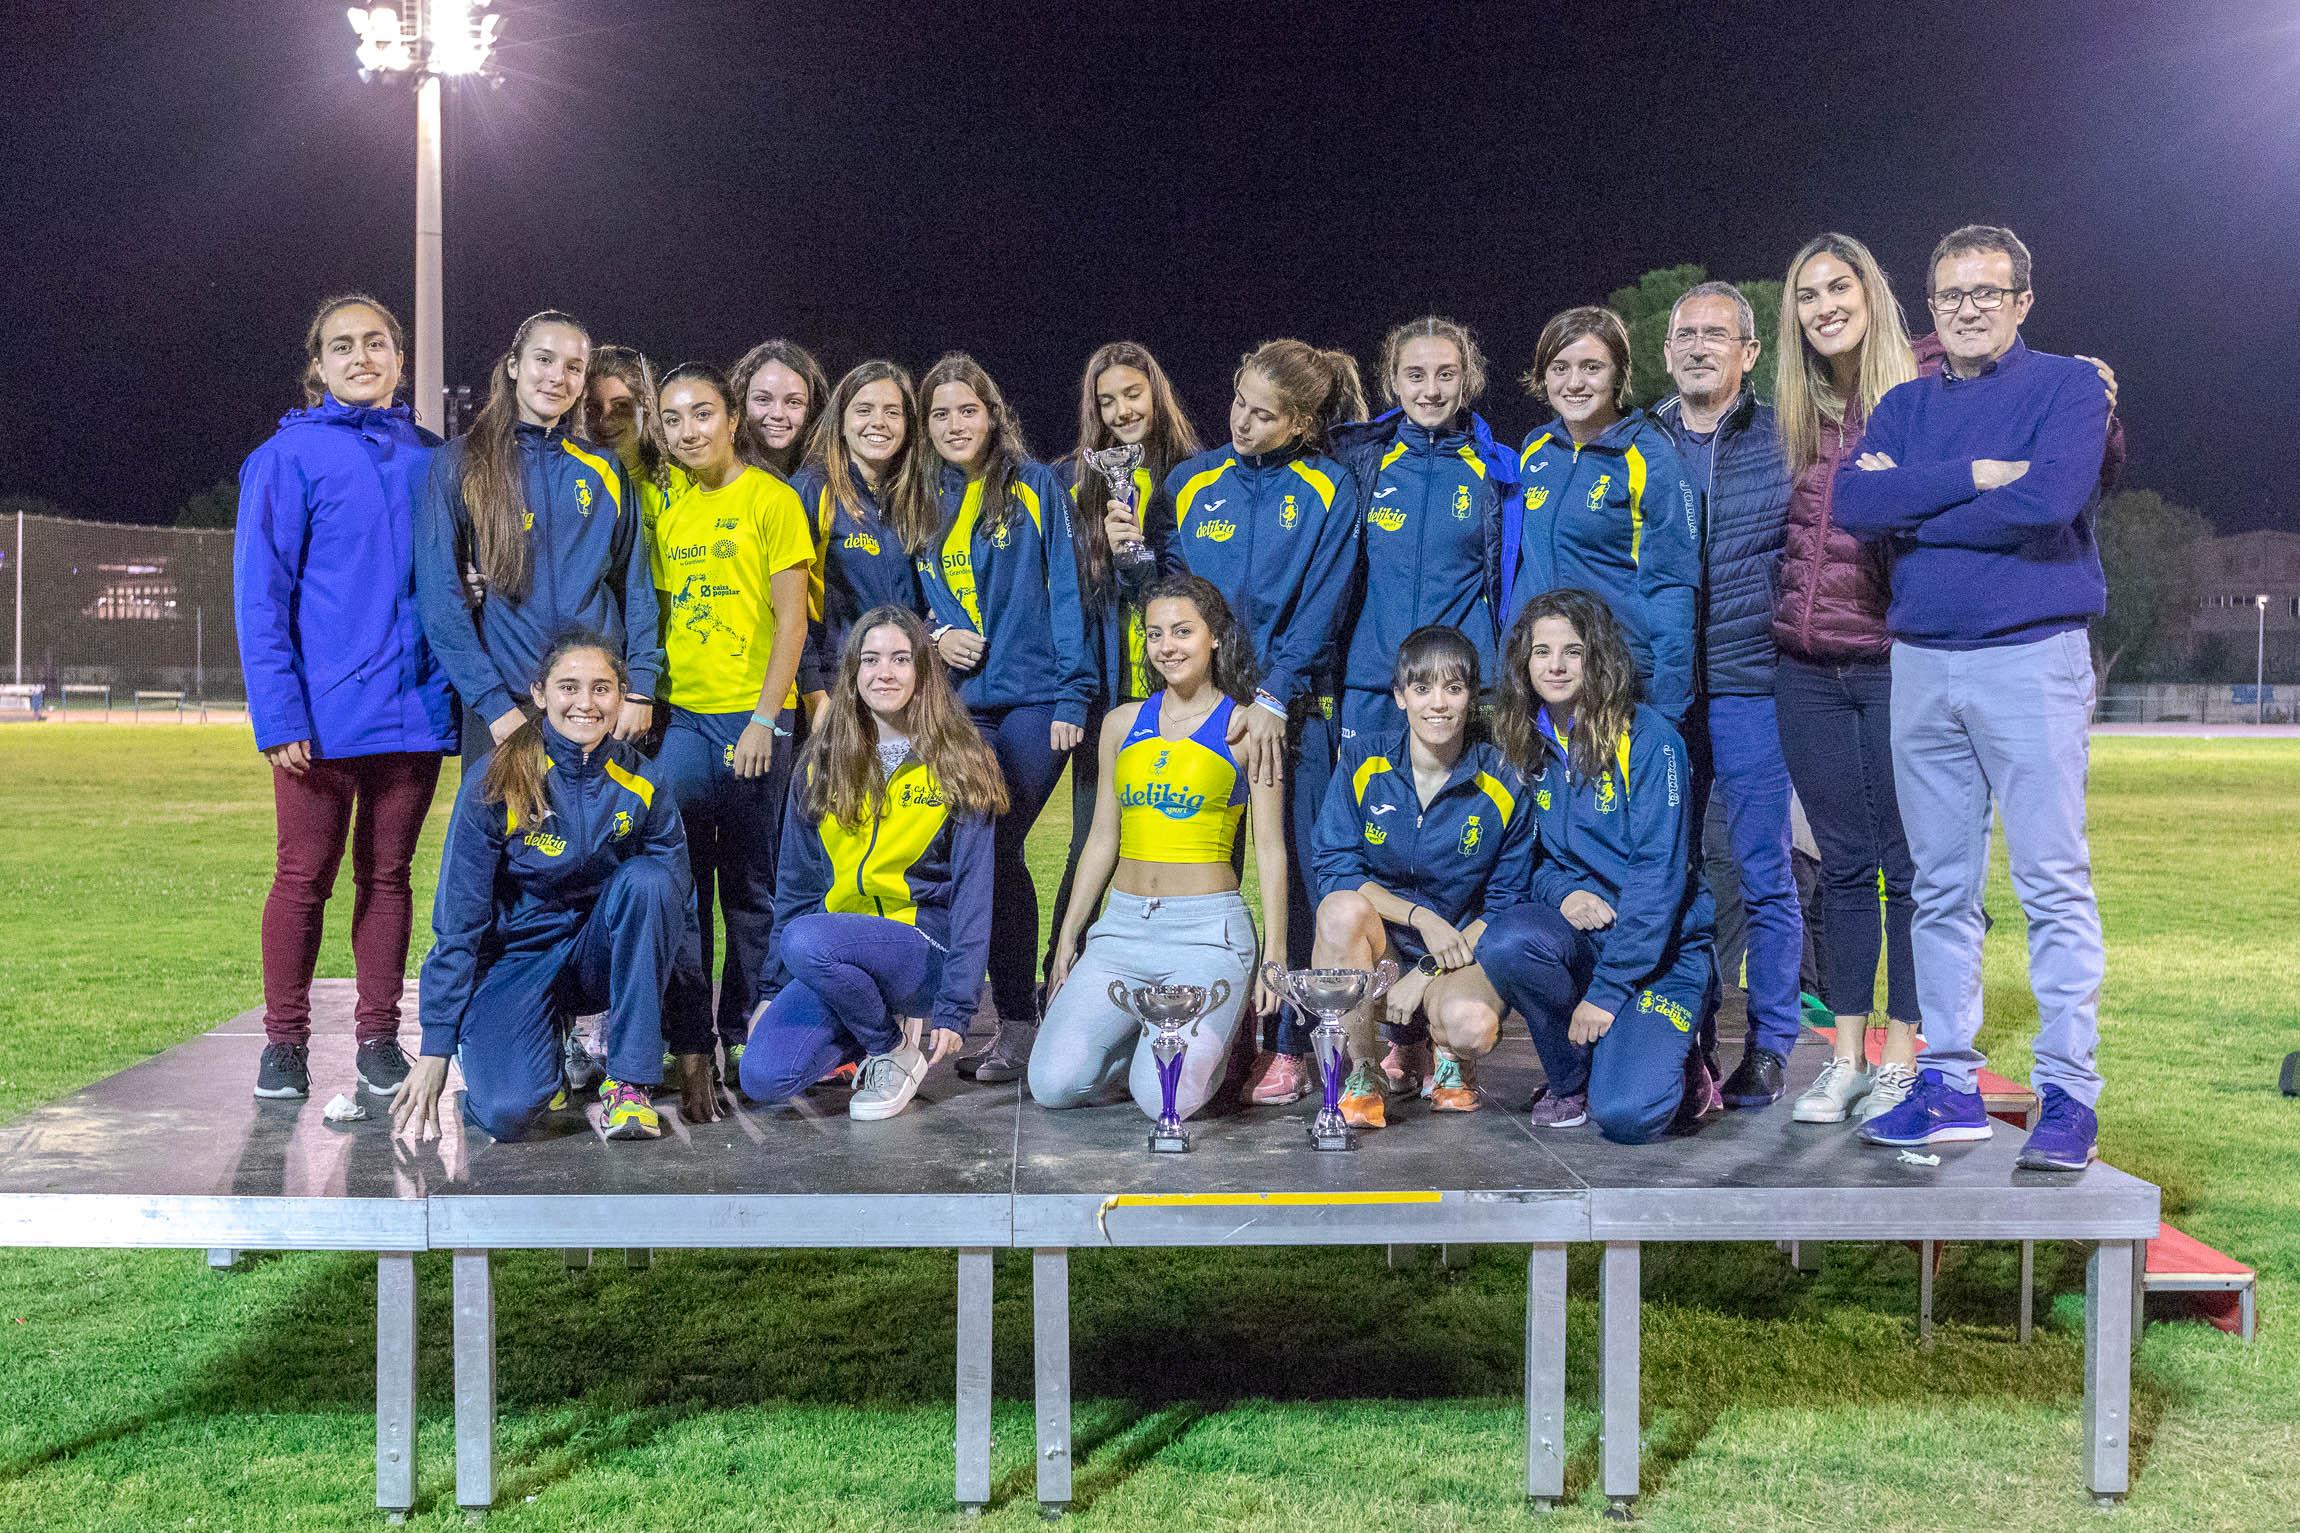 L'equip femení en l'últim autonòmic de clubs celebrat a Gandia. / Foto: Natxo Francés.